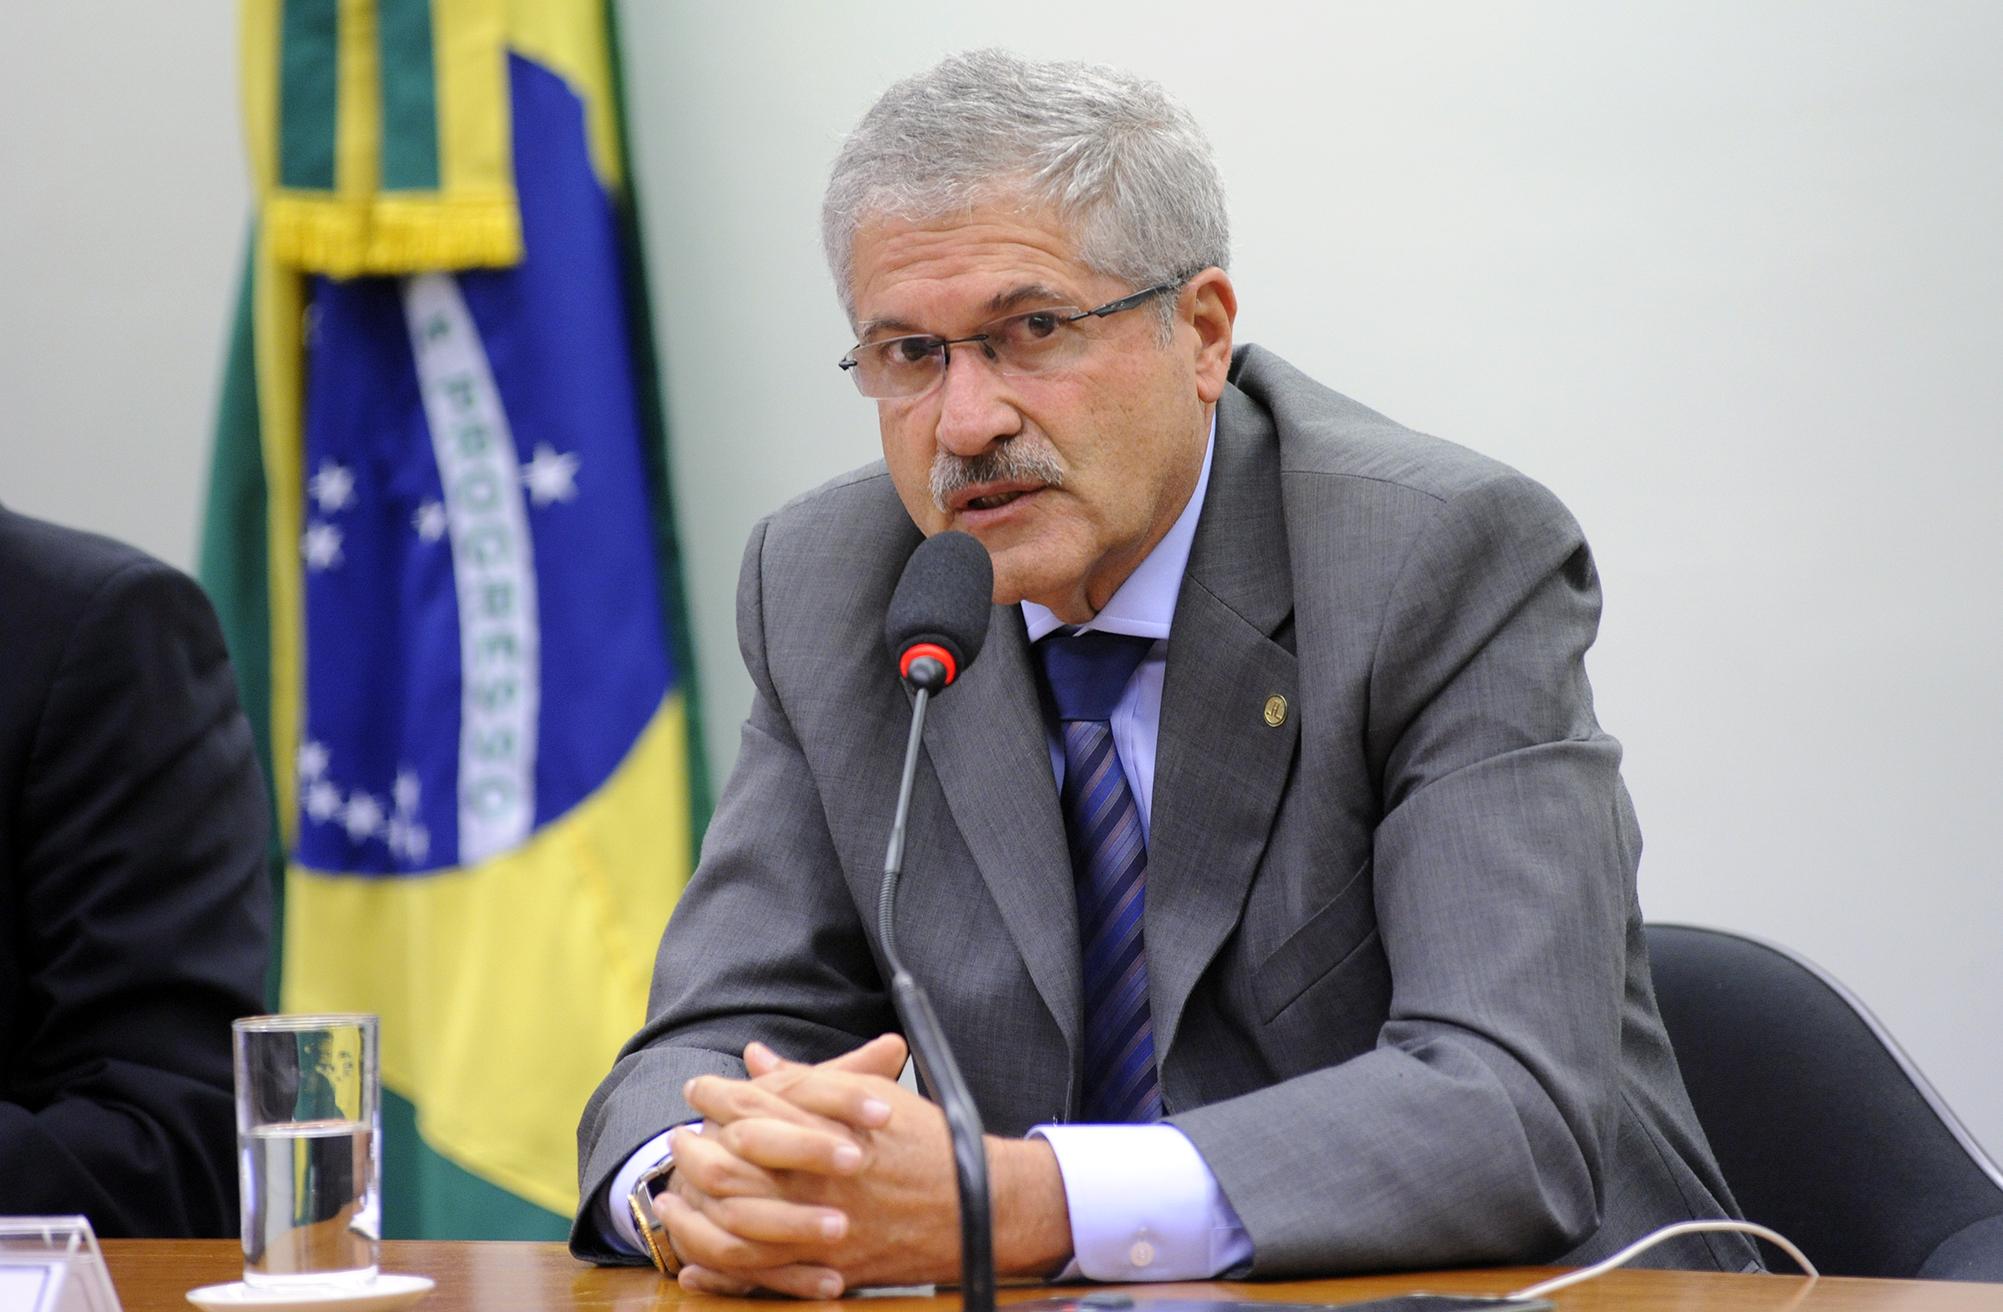 """José Rocha: """"Precisamos de estabilidade democrática"""" - O Antagonista"""